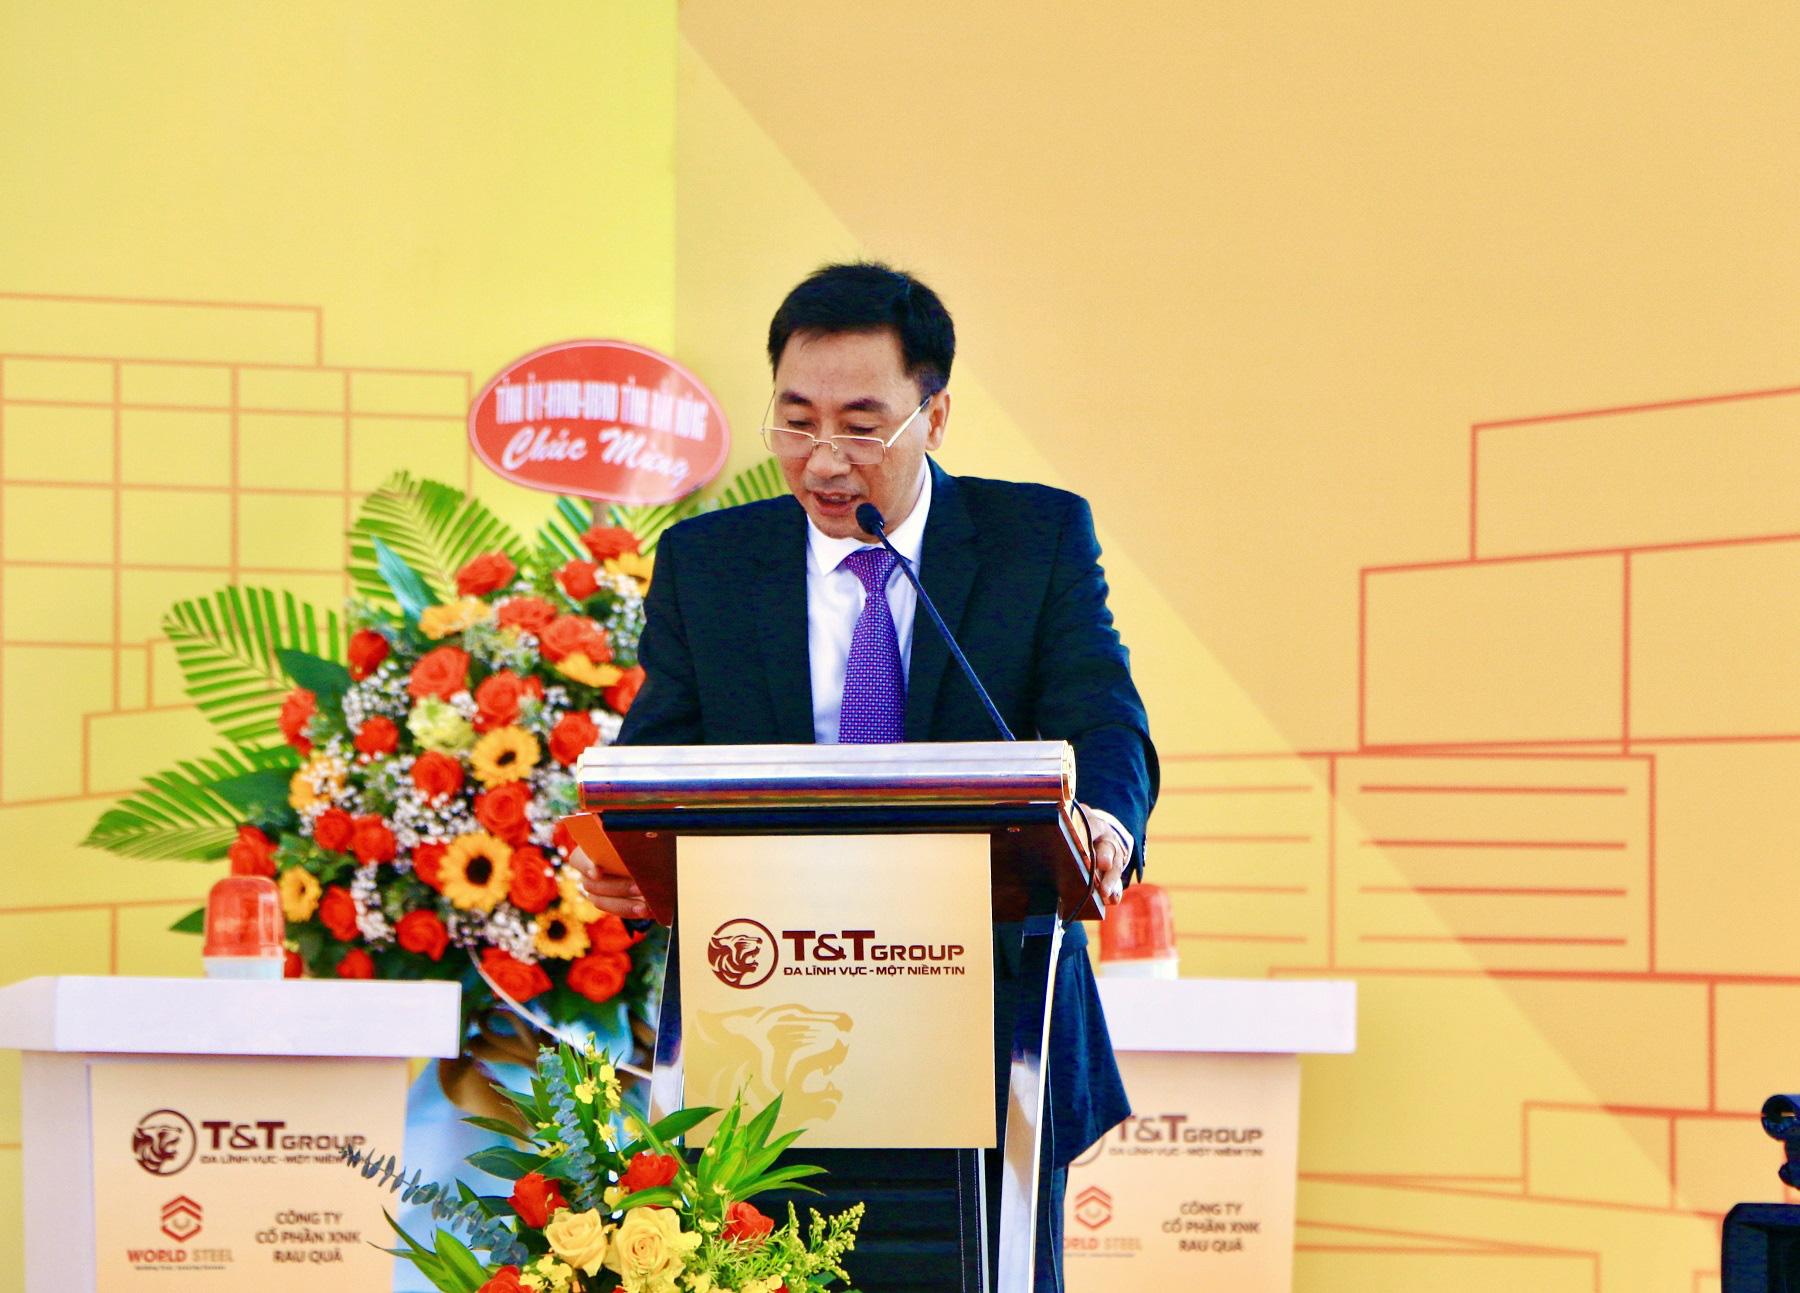 T&T Group khởi công xây dựng Trung tâm thương mại hiện đại tại Đắk Nông - Ảnh 2.